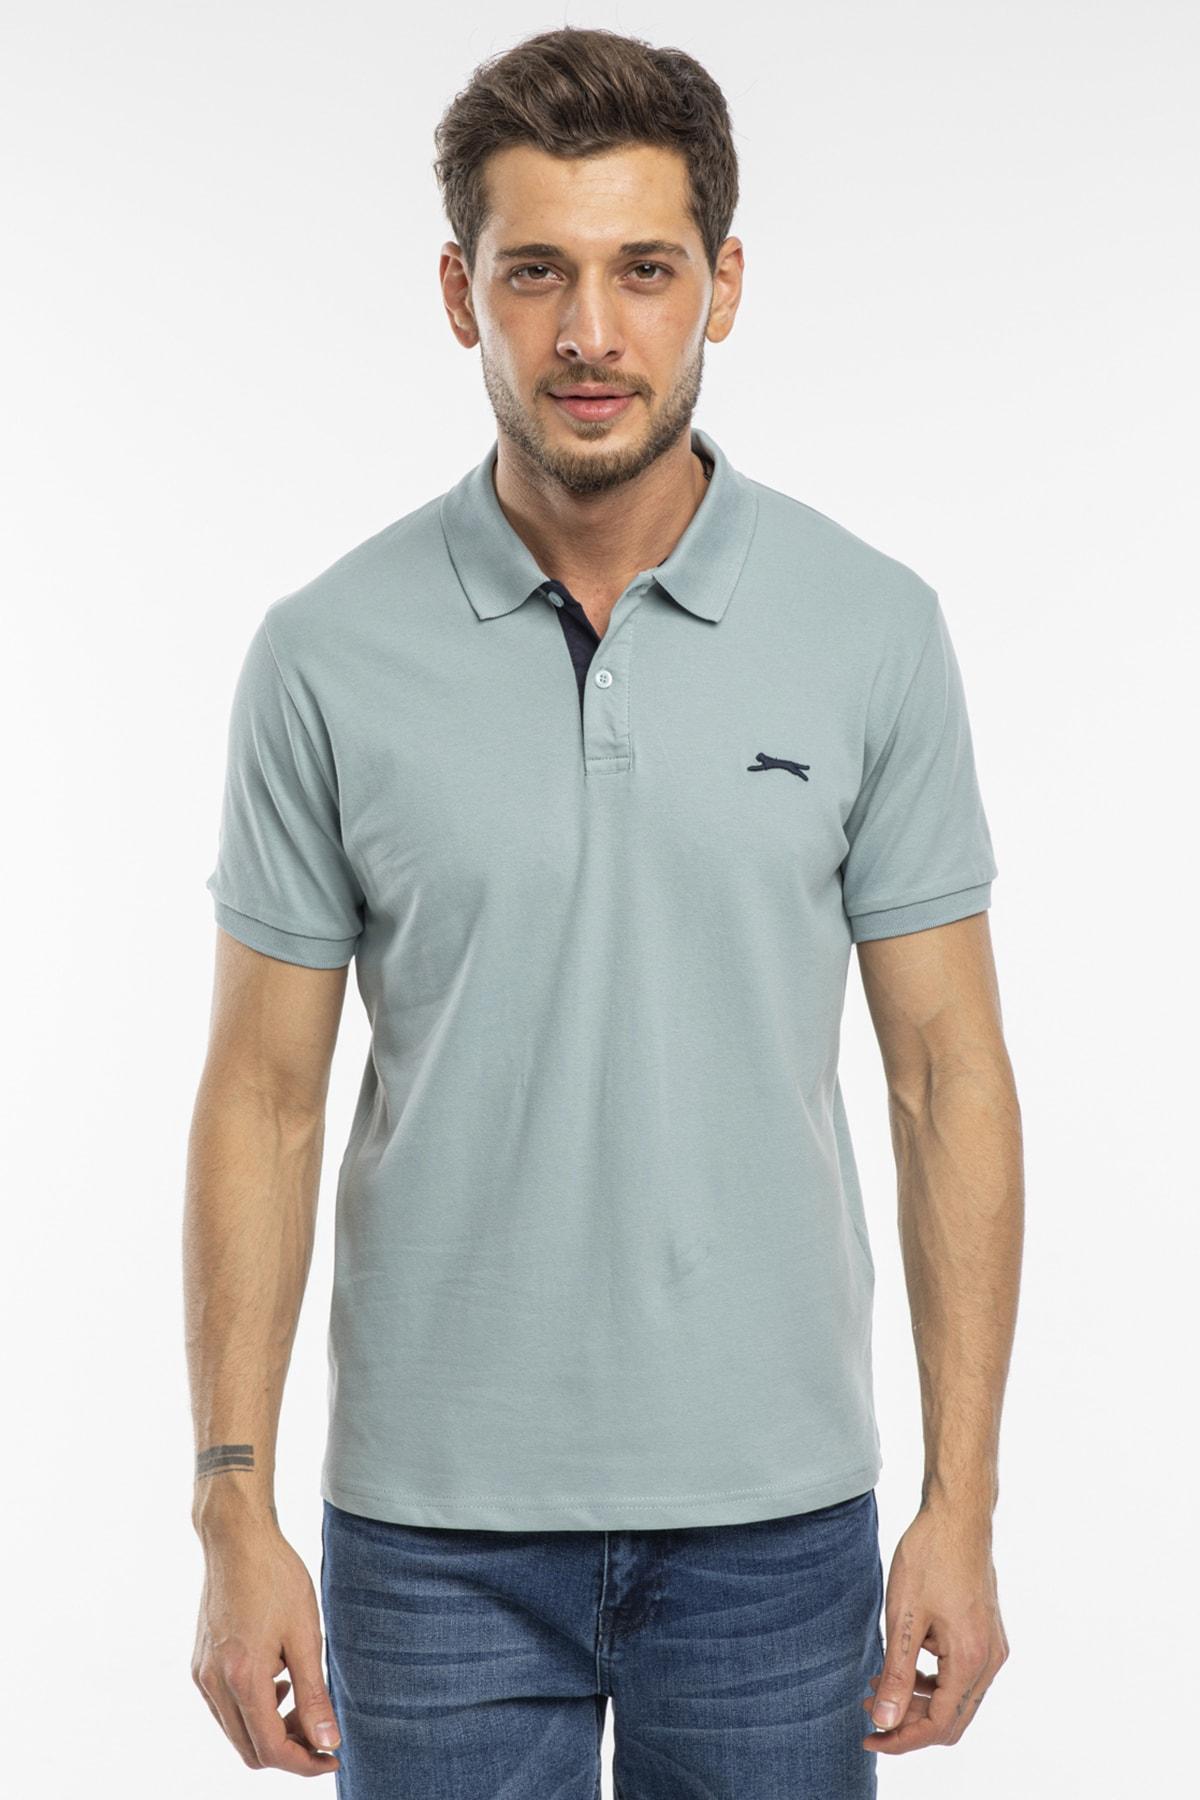 Bambı Erkek T-shirt Nane St11te100